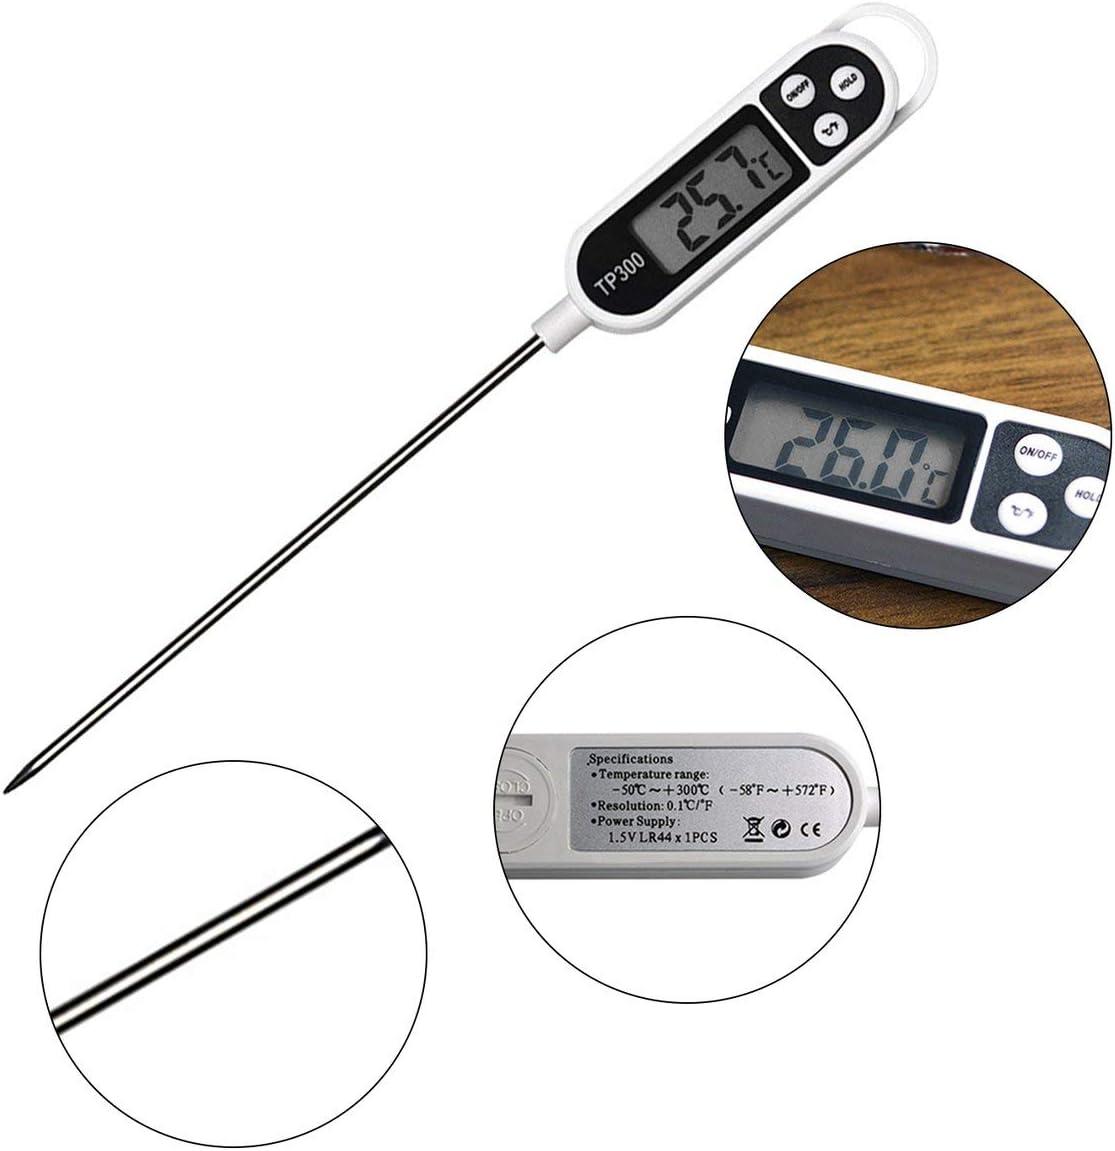 Termometro digitale per alimenti TP300 Carne di latte Tacchino Strumento di cottura Struttura a penna Sonda alimentare per cucina Barbecue-bianco e nero BCVBFGCXVB